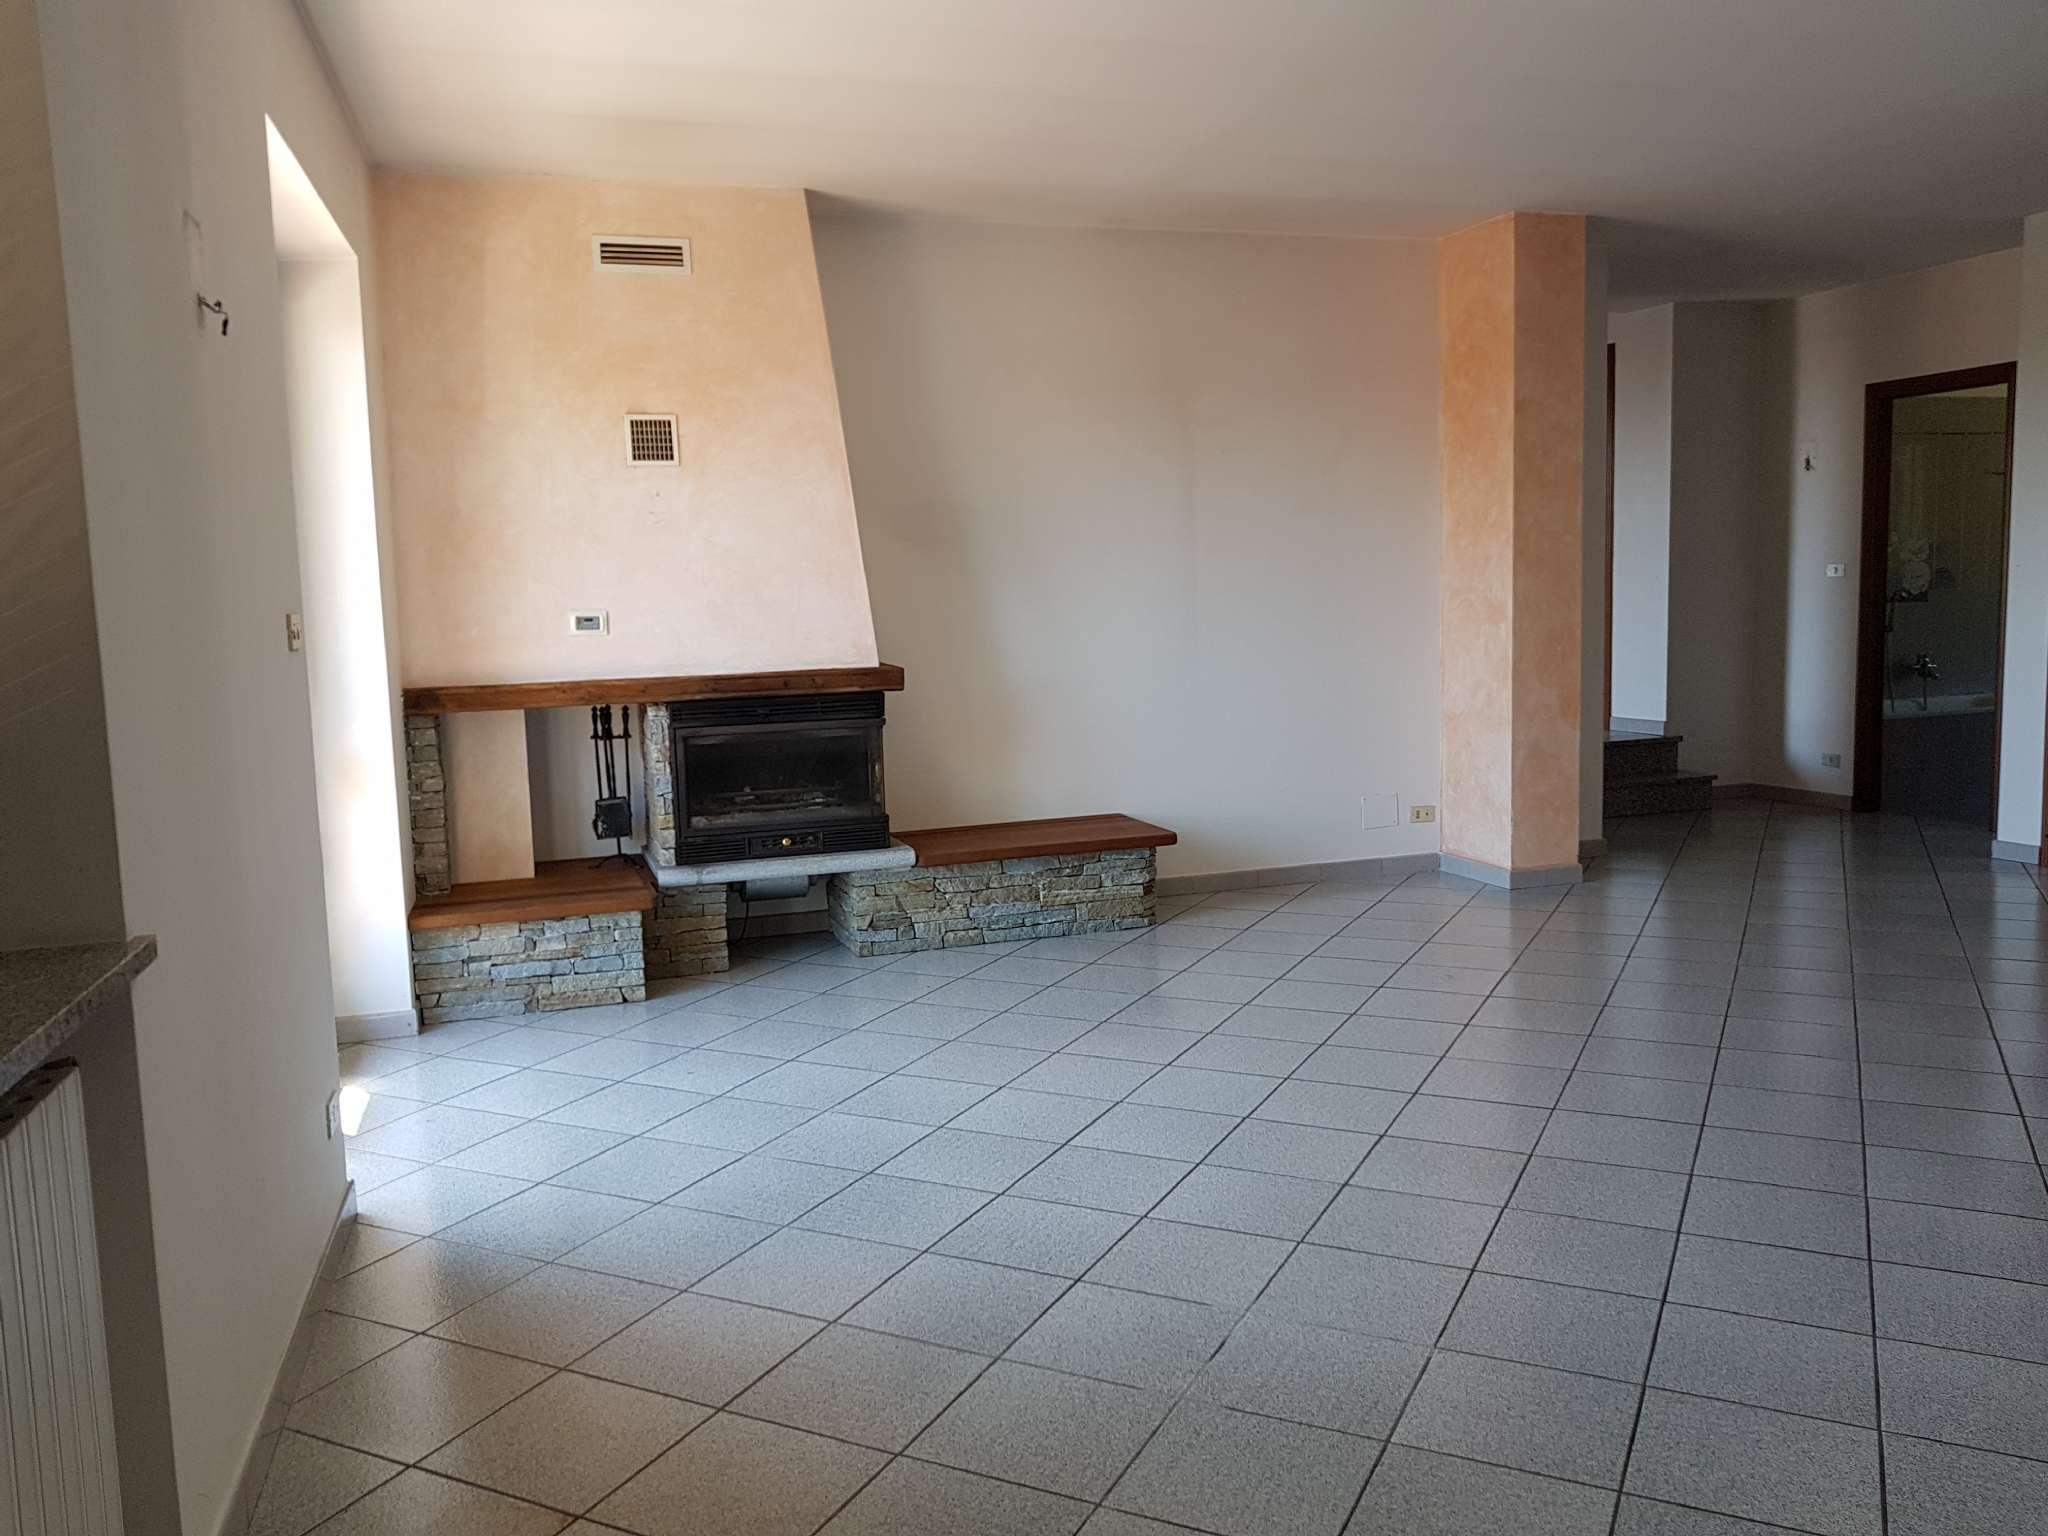 Appartamento in Affitto a Cantalupa: 4 locali, 110 mq